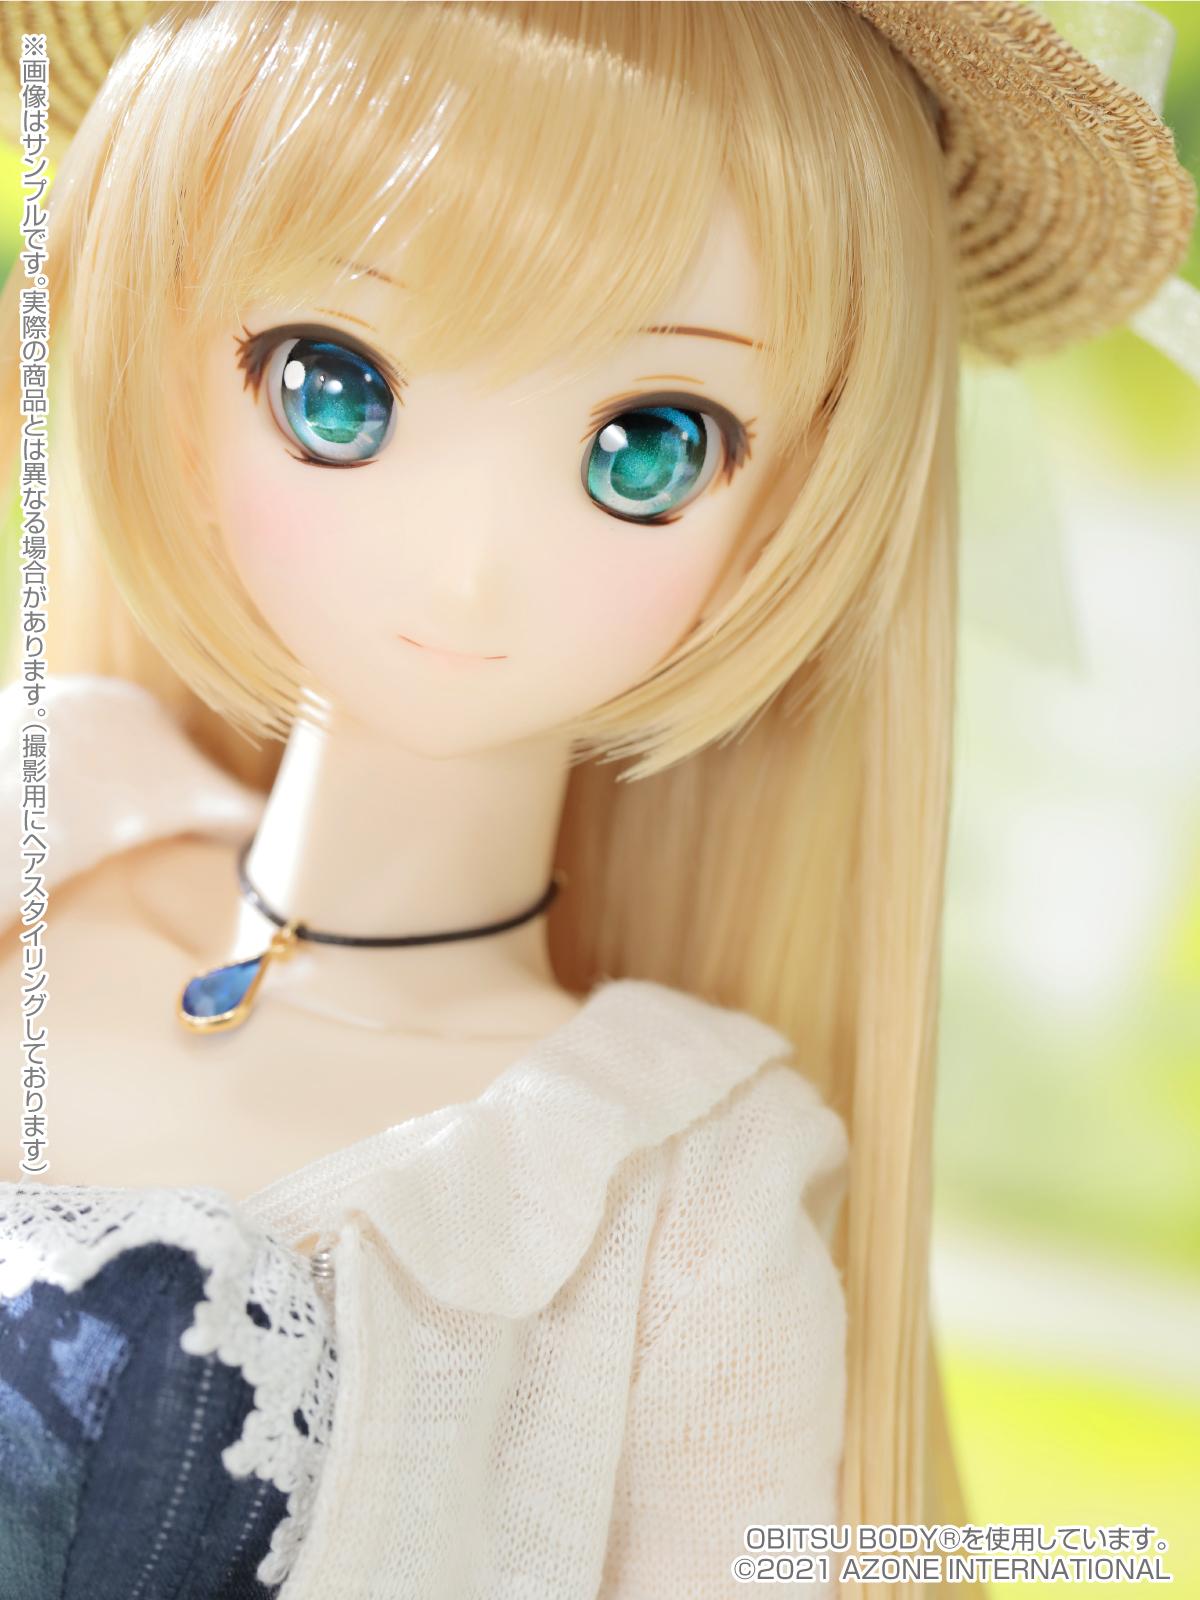 Iris Collect アイリス コレクト『スミレ/Minty kiss(通常販売ver.)』1/3 完成品ドール-004